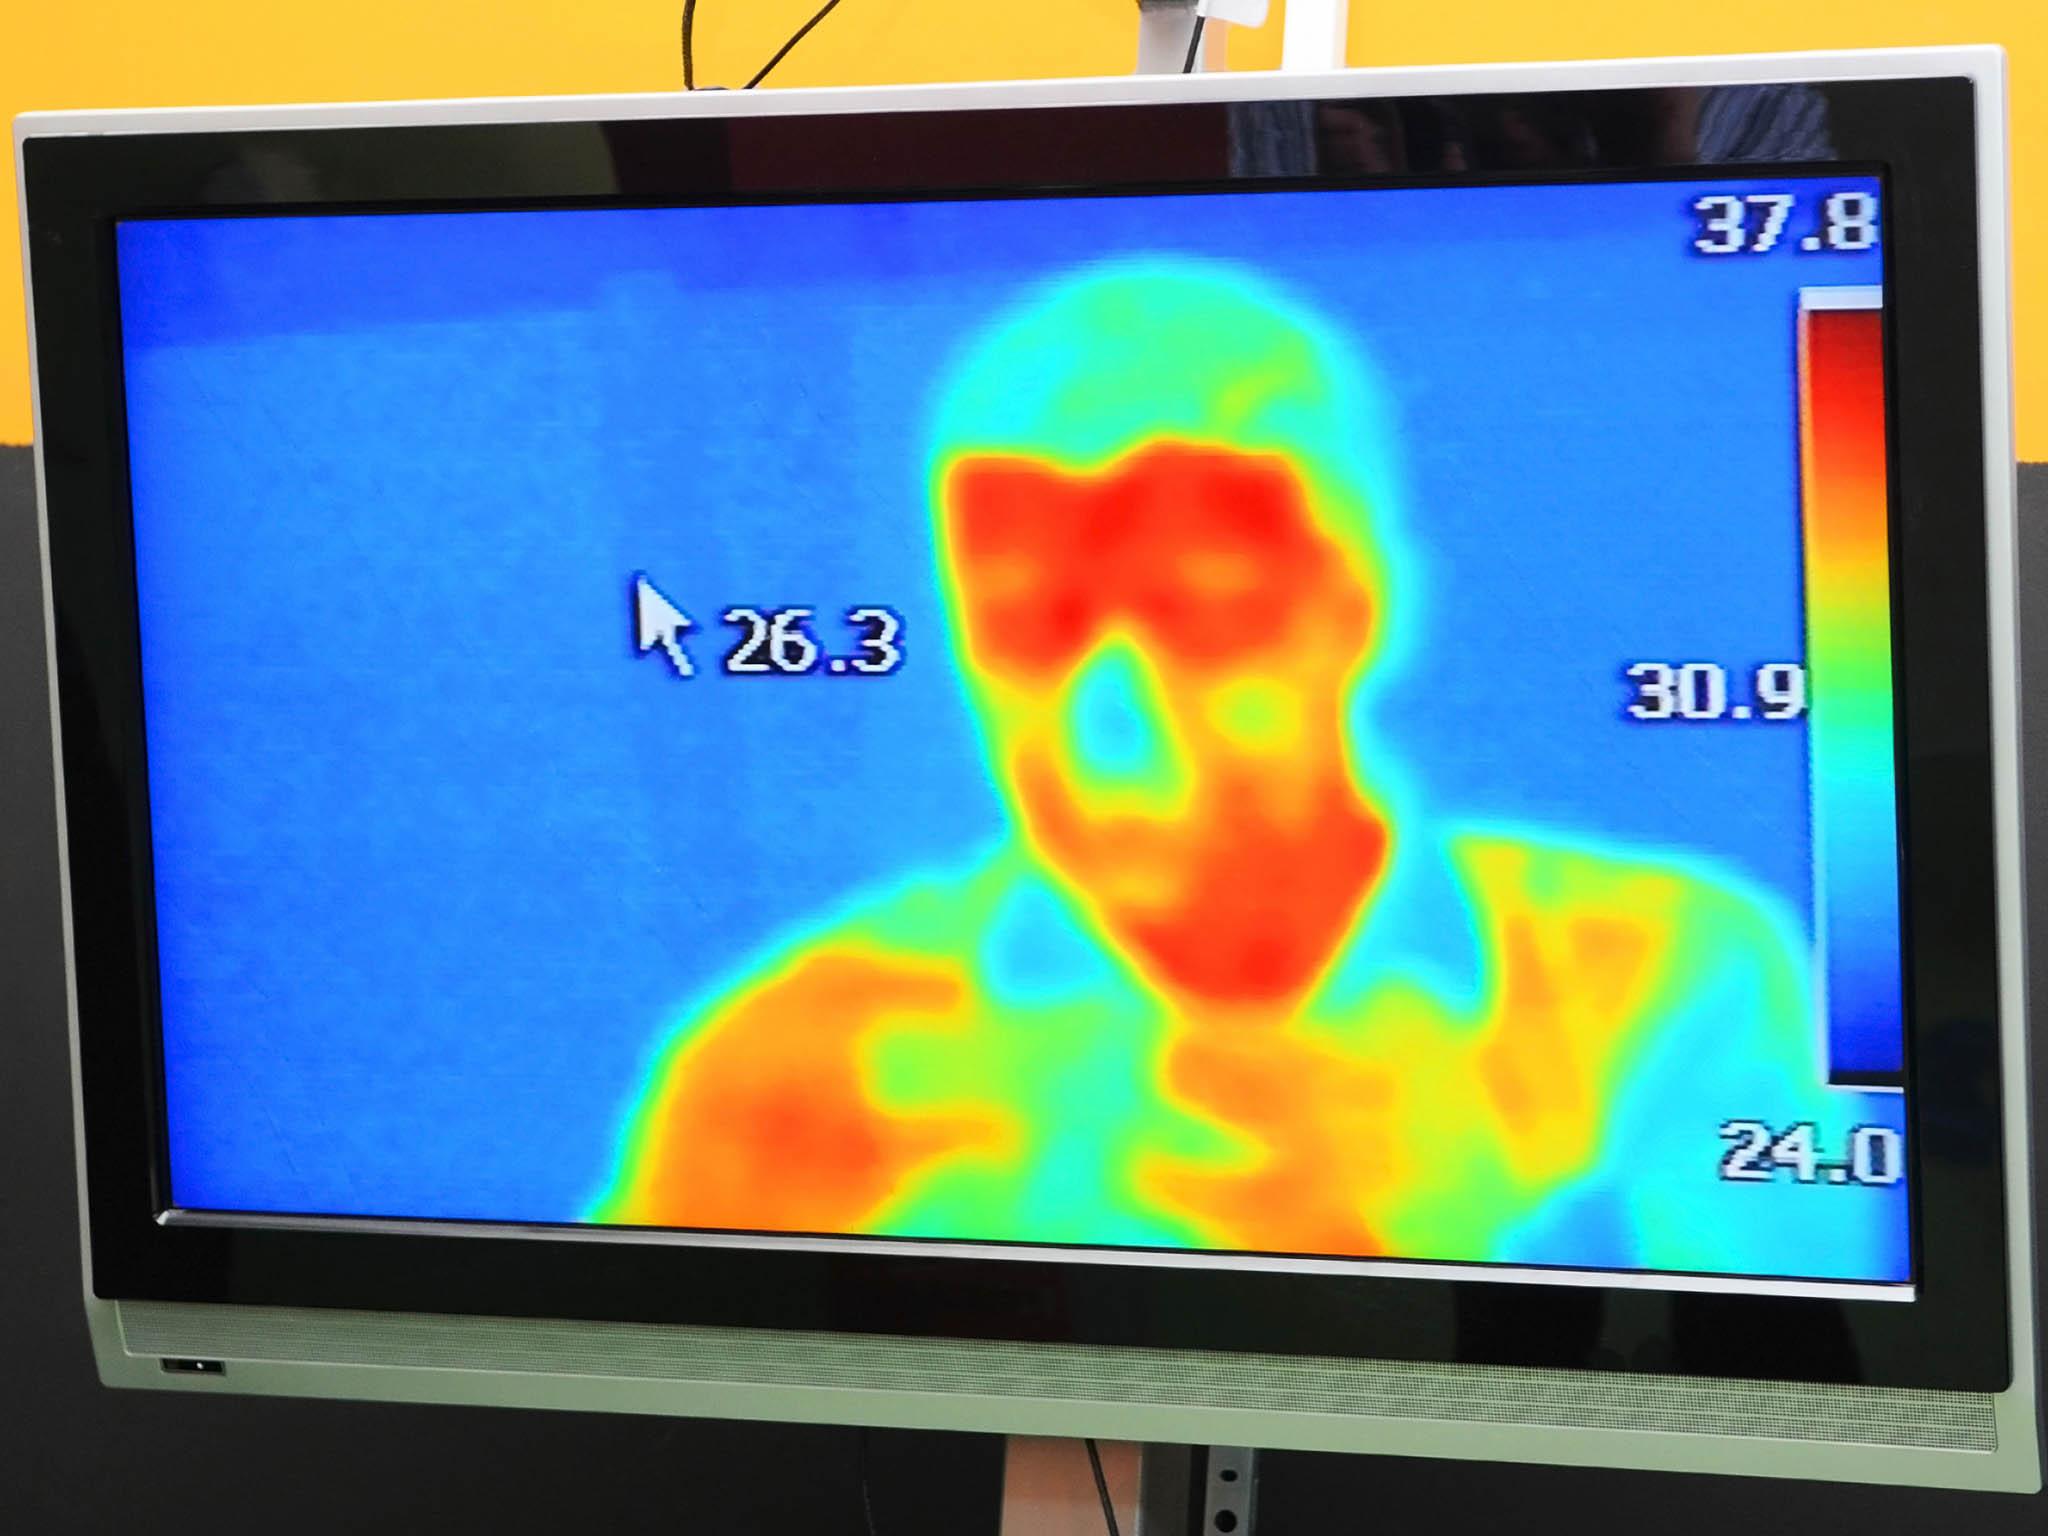 Termokamery dokáží s vysokou přesností a na vzdálenost několika metrů odhalit člověk se zvýšenou tělesnou teplotou. Ta je jedním se základních příznaků koronaviru.